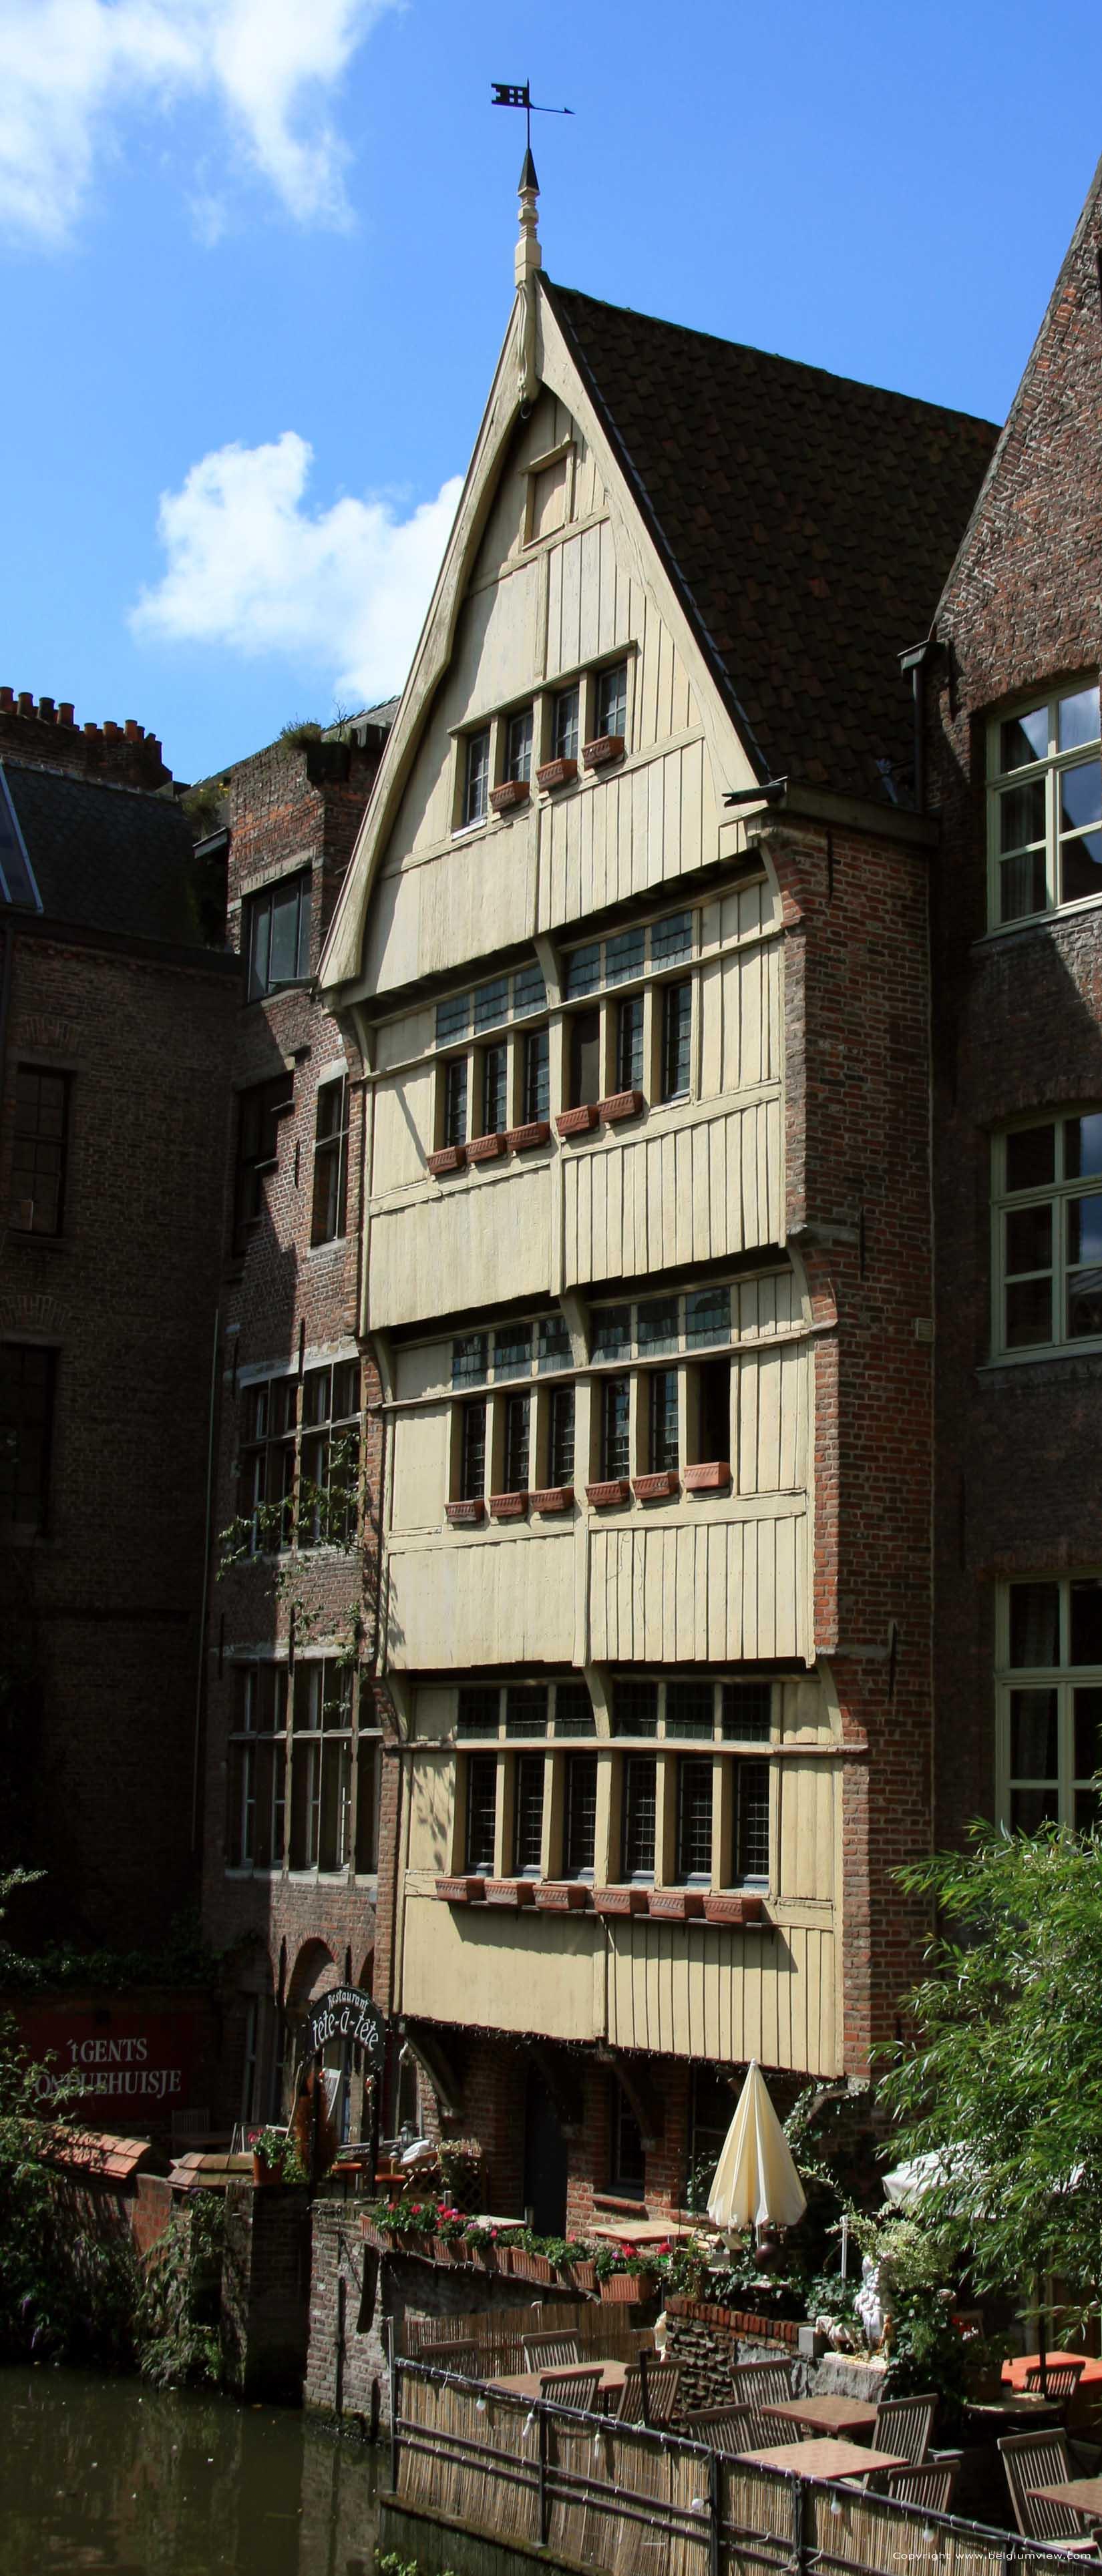 Huis met houten achtergevel huis van jan brouckaerd gent for Huis met tuin gent